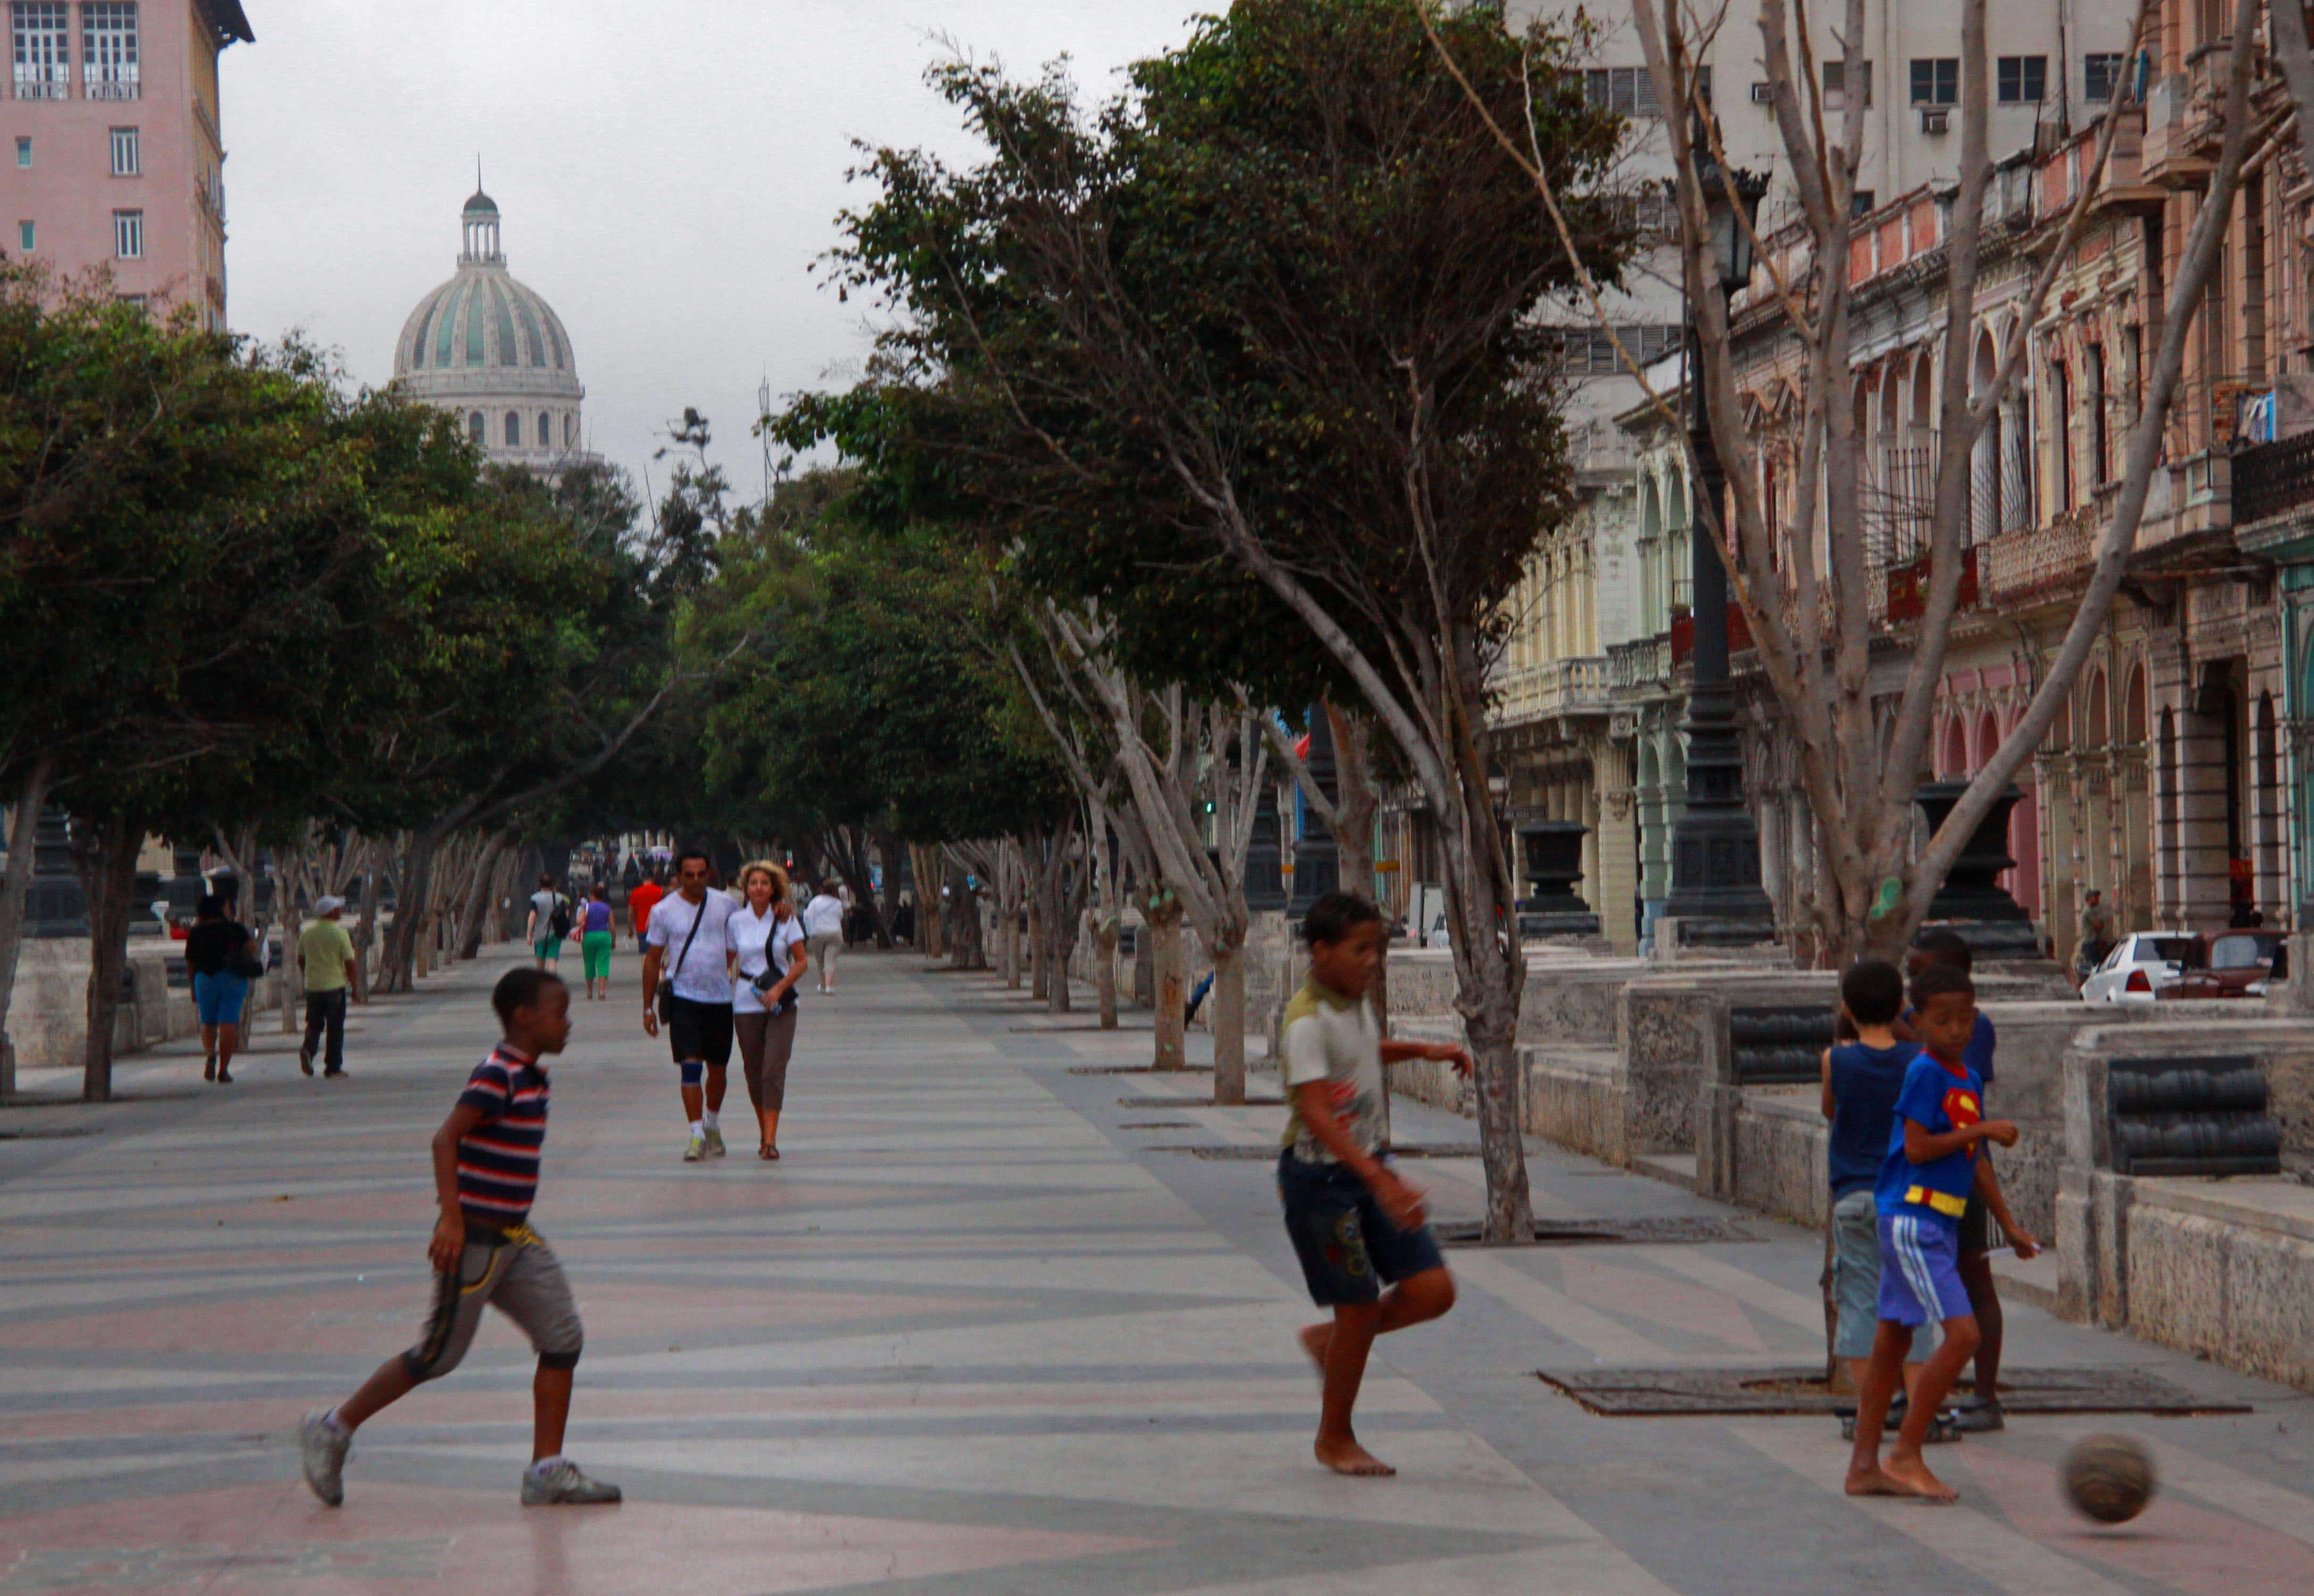 Que faire à la Havane en premier ? Flâner dans le quartier de Centro Habana, incontournable pour tout visiteur, souhaitant connaître La Havane.